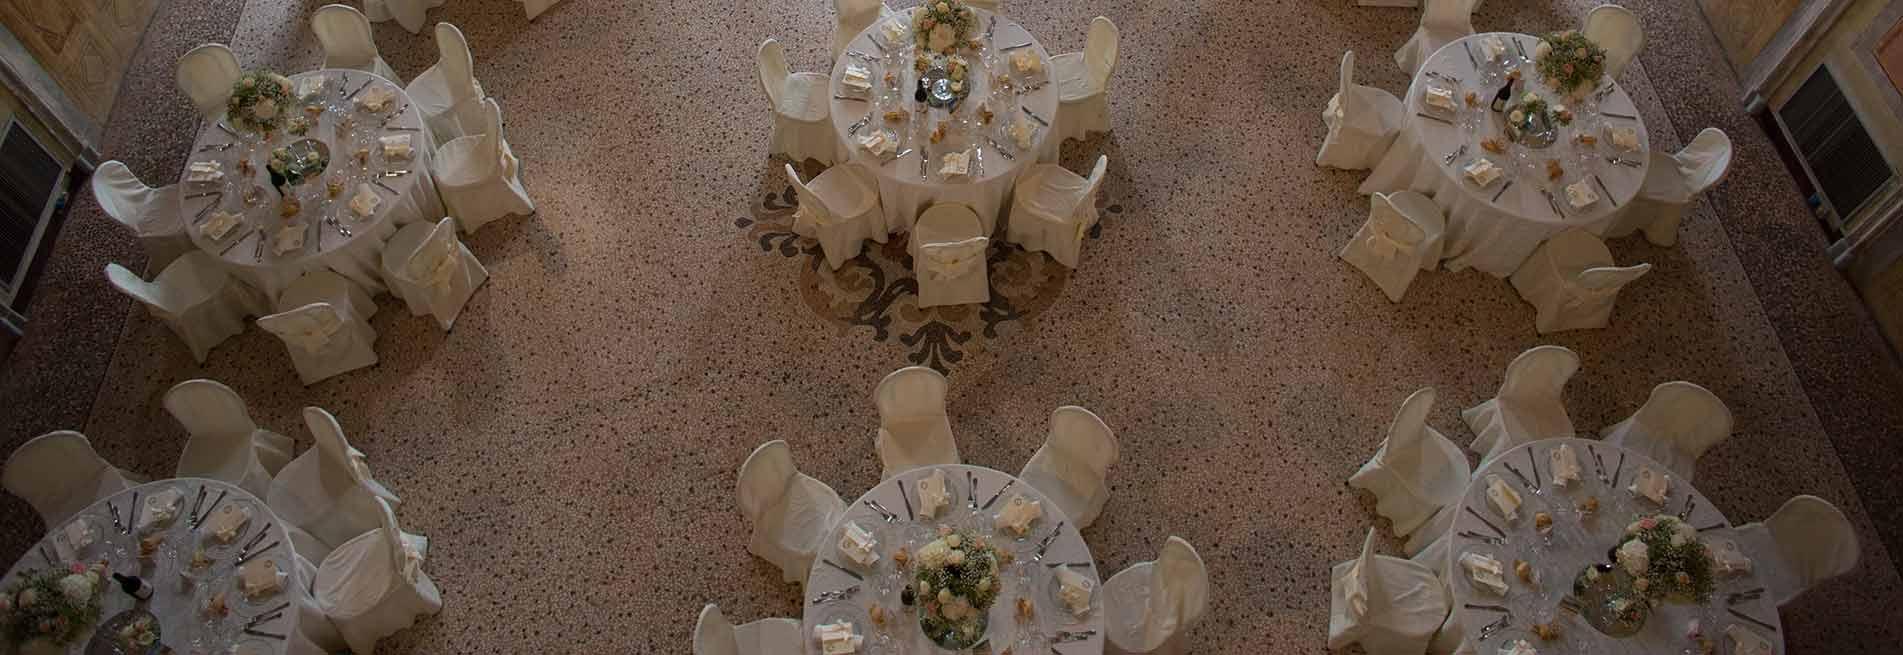 La Casa Forte di Chianocco e Bon Ton di Pietrini potranno regalare agli sposi un ricevimento unico